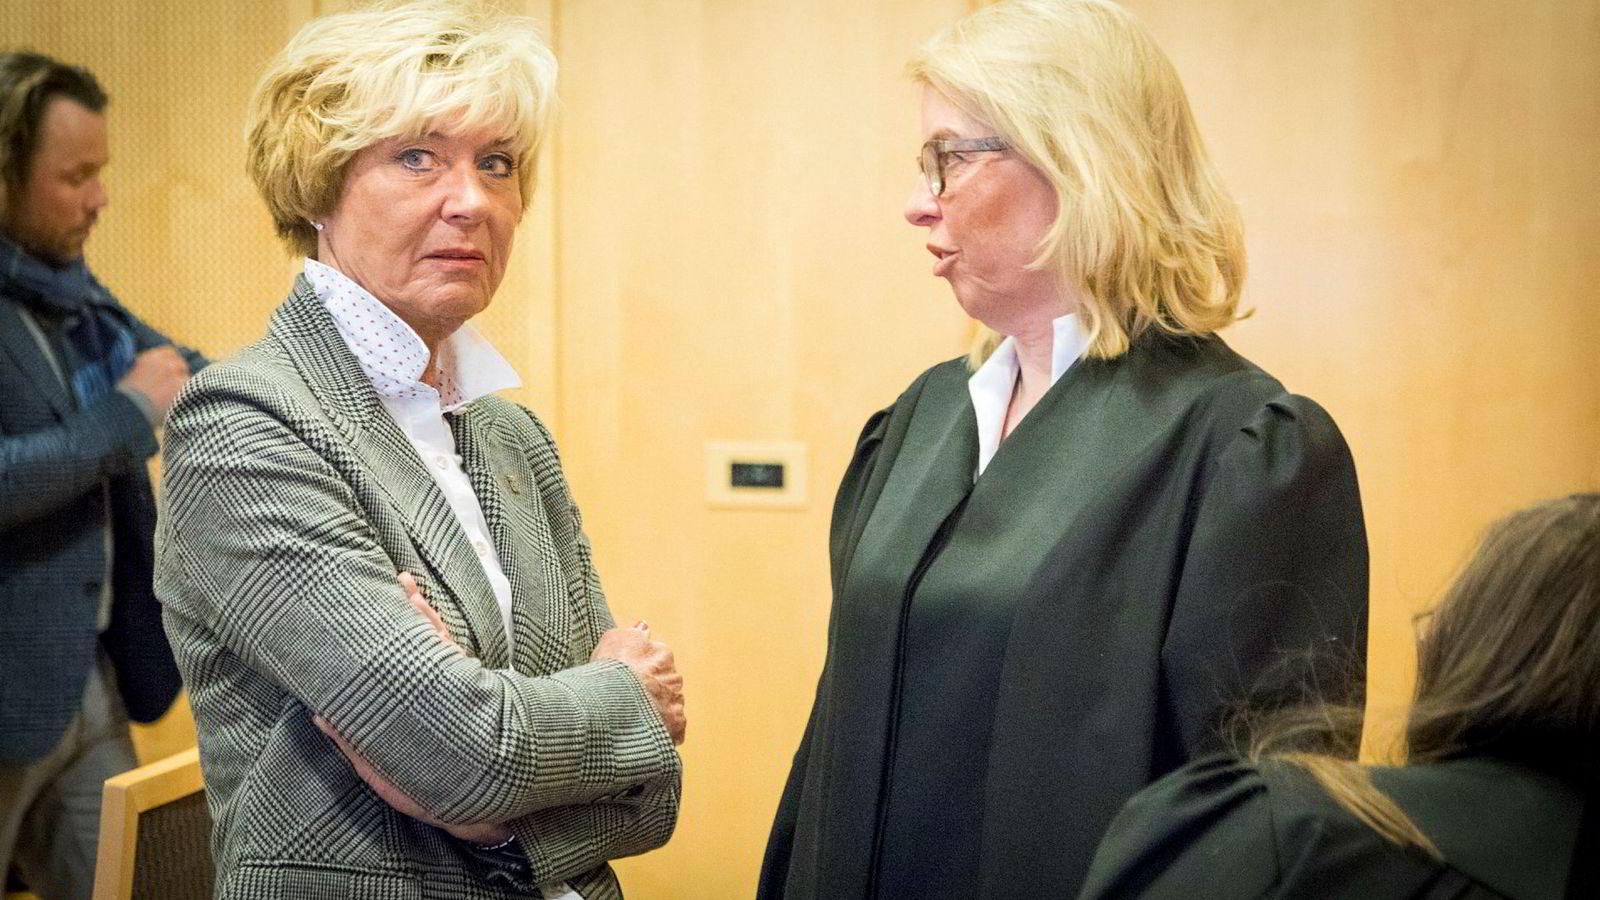 Visekonsernsjef Kari-Anne Haugen (til venstre) i Aschehoug snakker med Thommessen-advokat Siri Teigum, som representerer Gyldendal, under første dag av rettssaken mot Konkurransetilsynet.